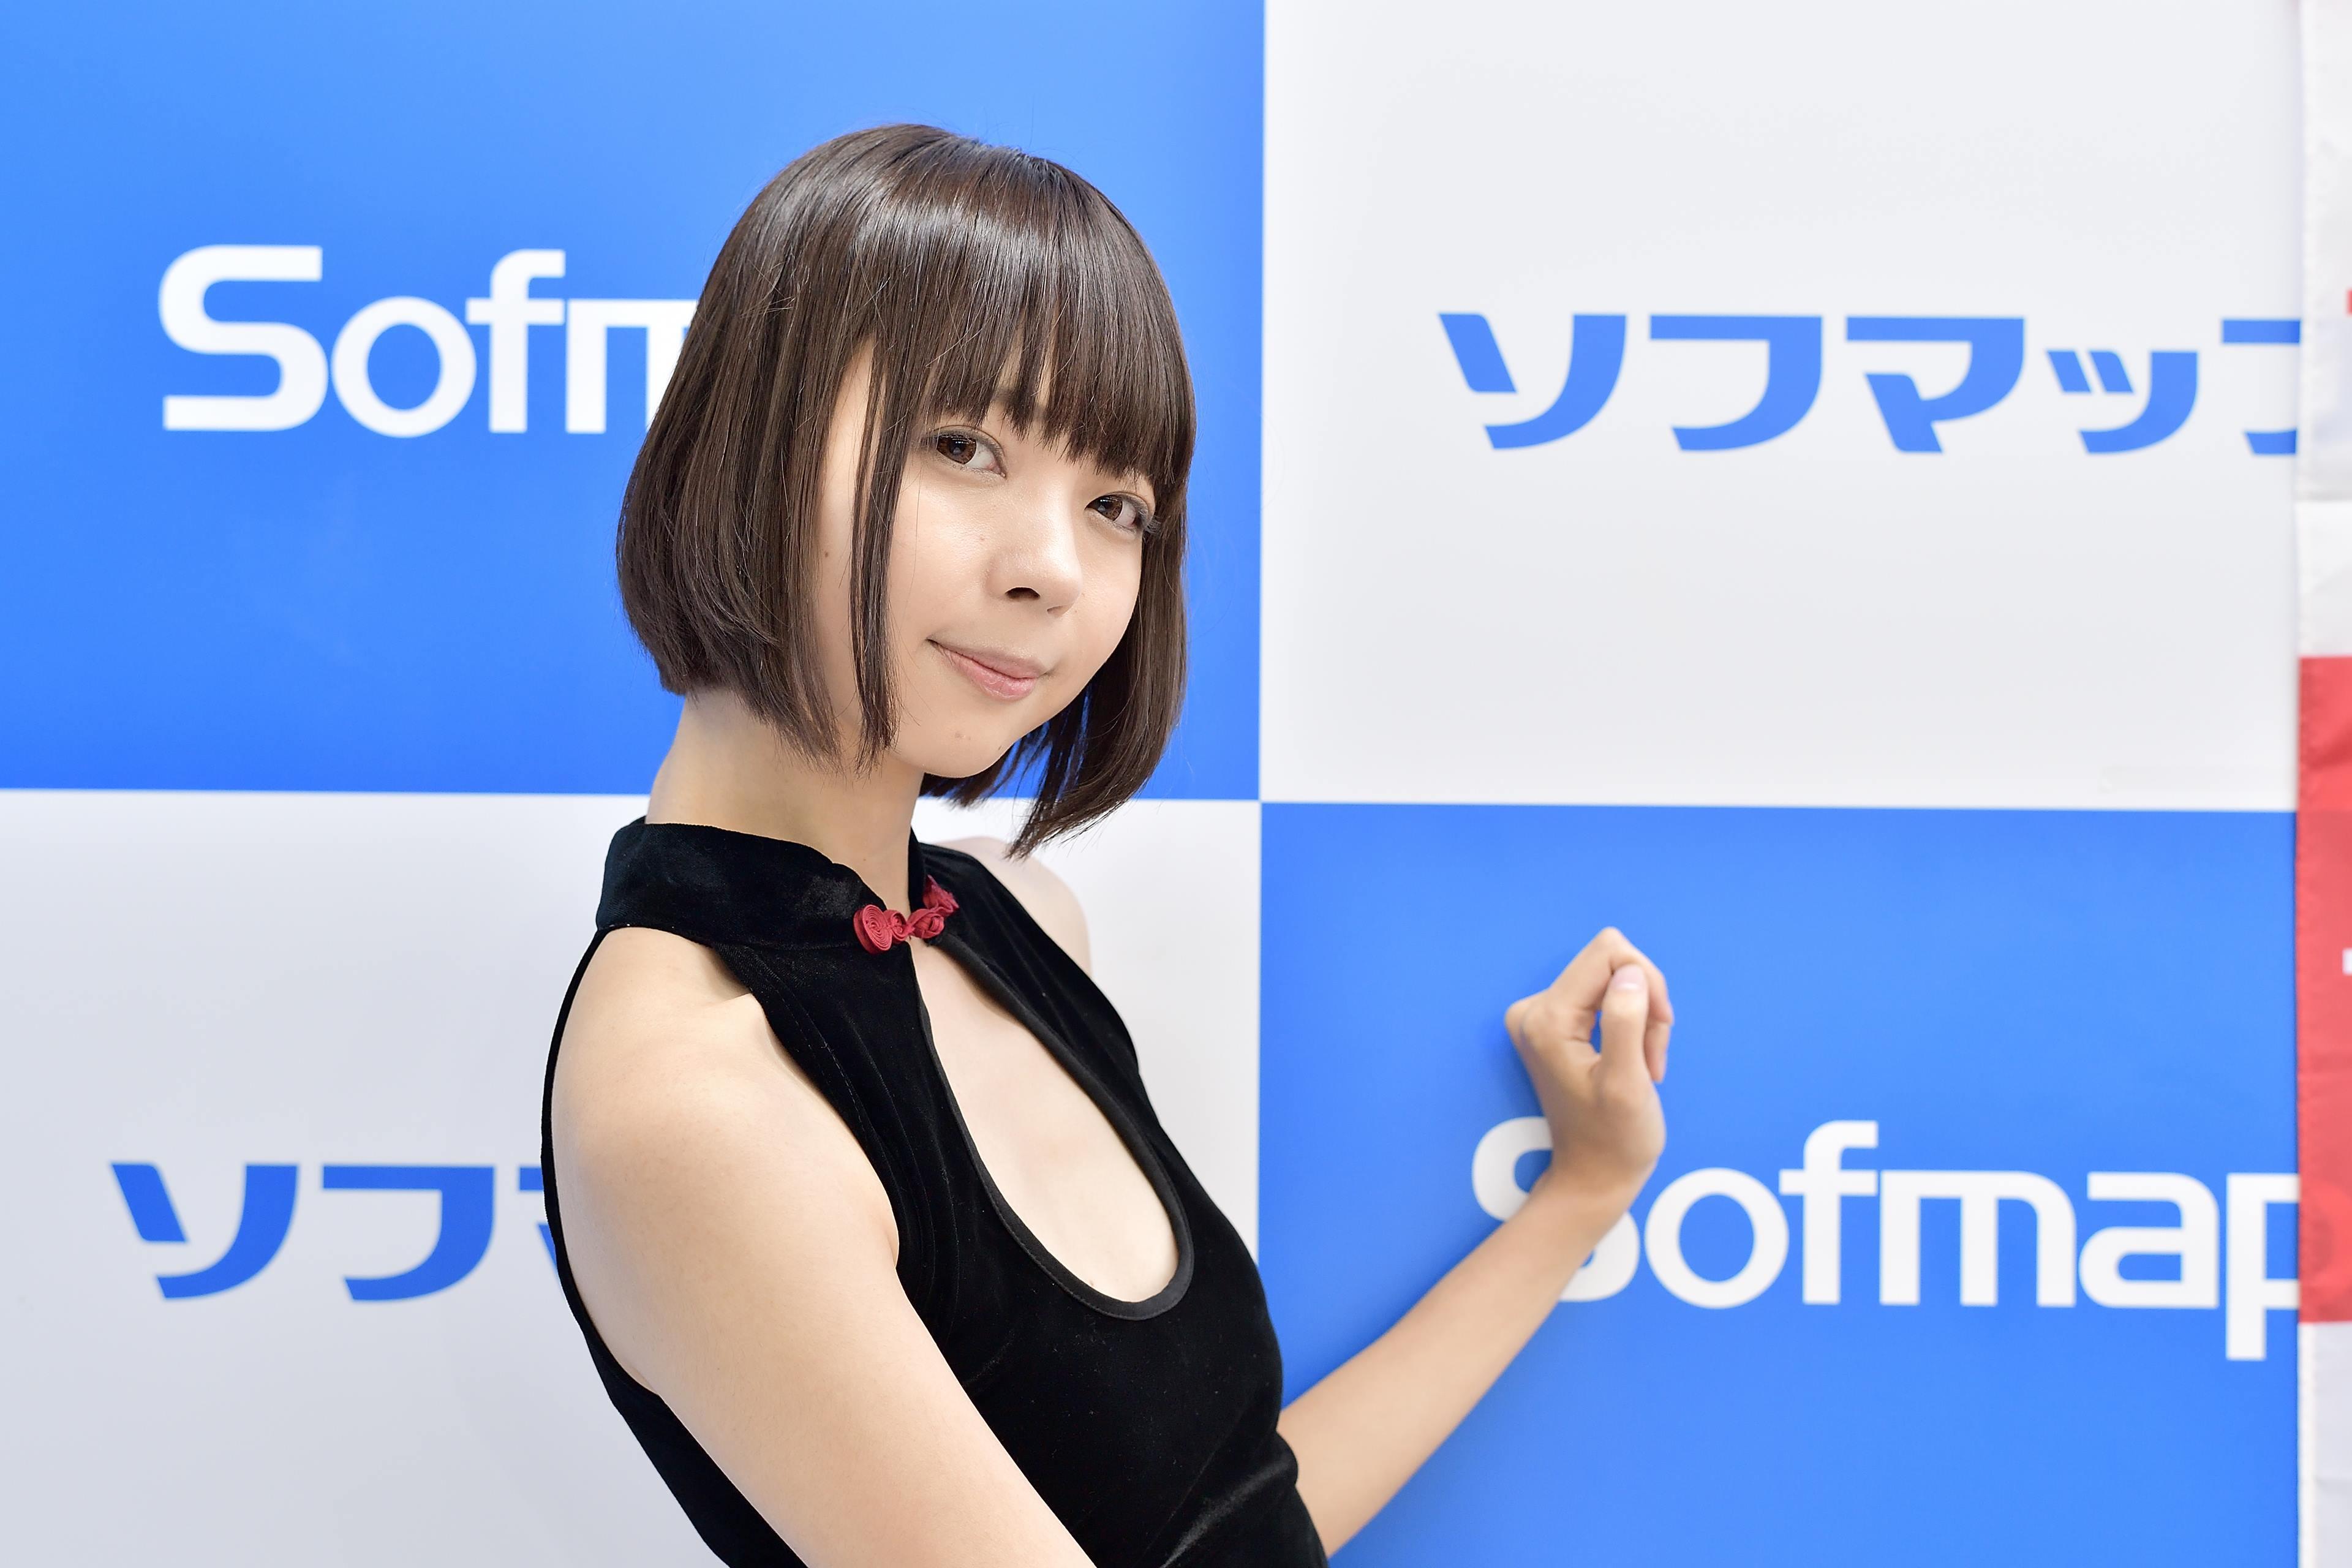 2019年06月14日ソフマップ4号館8階撮影会報告_e0194893_20325767.jpg